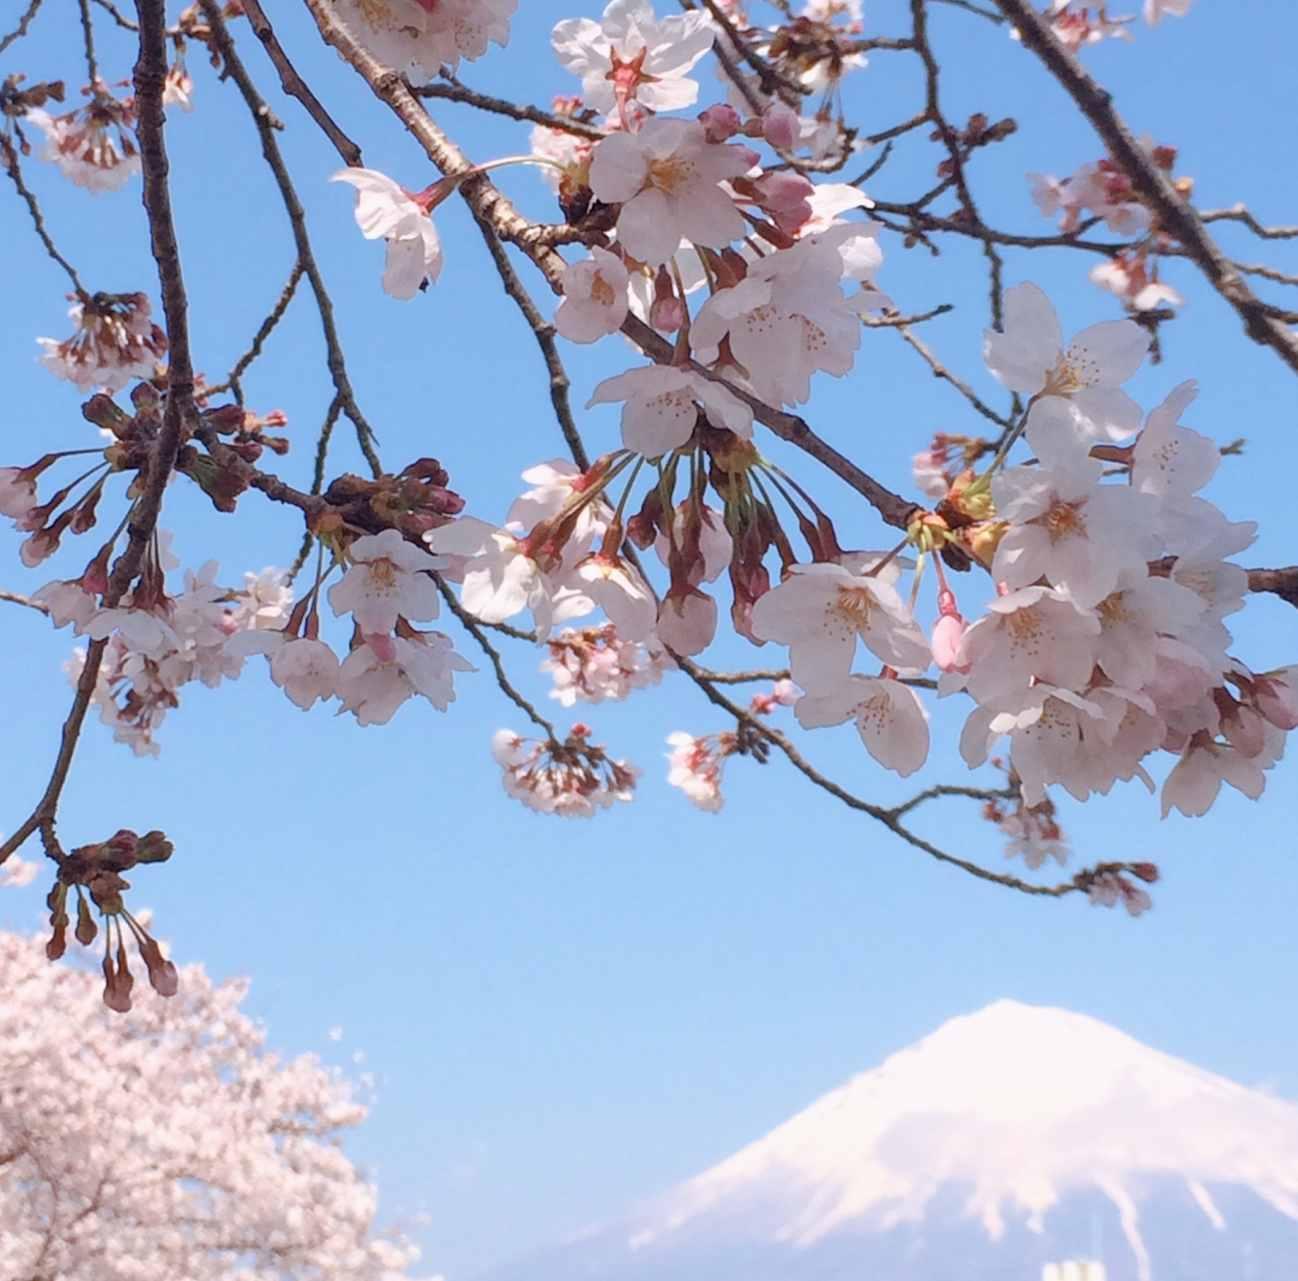 桜のシーズンの英語